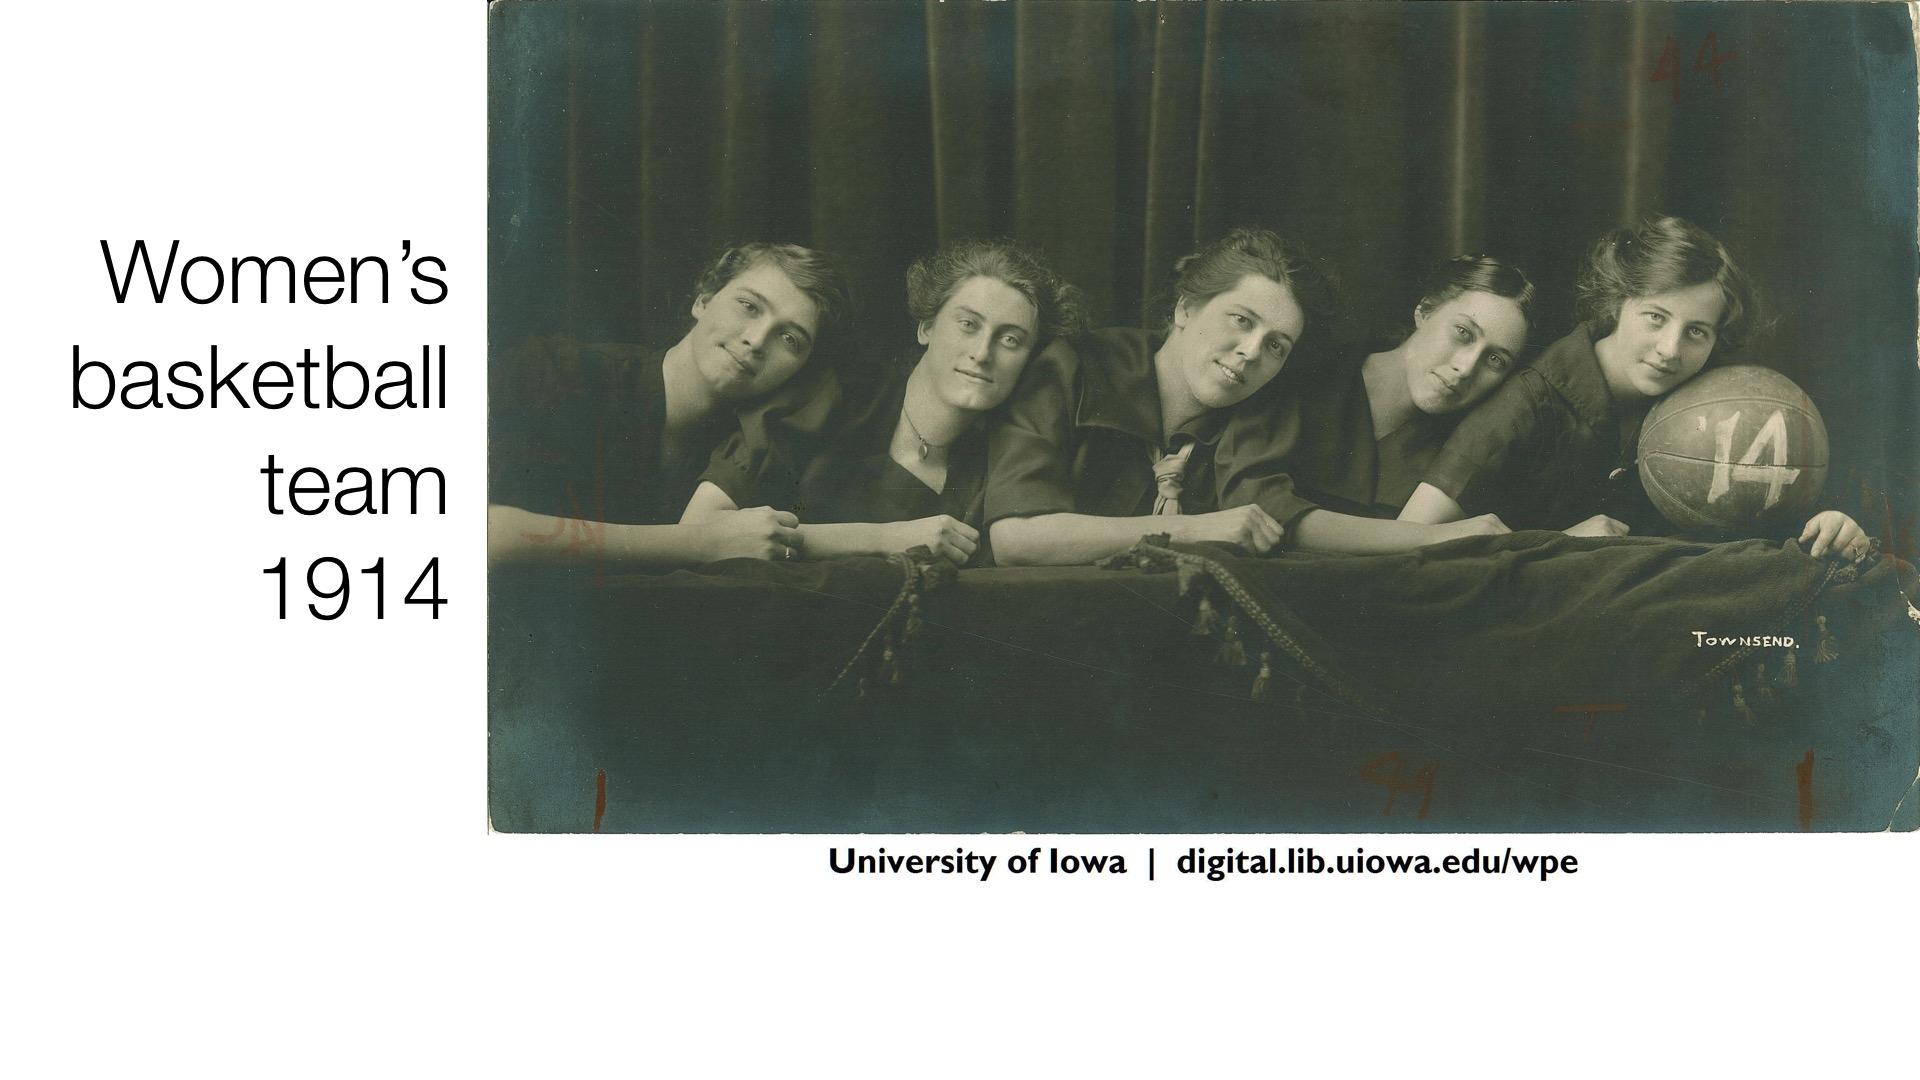 Women's basketball team 1914